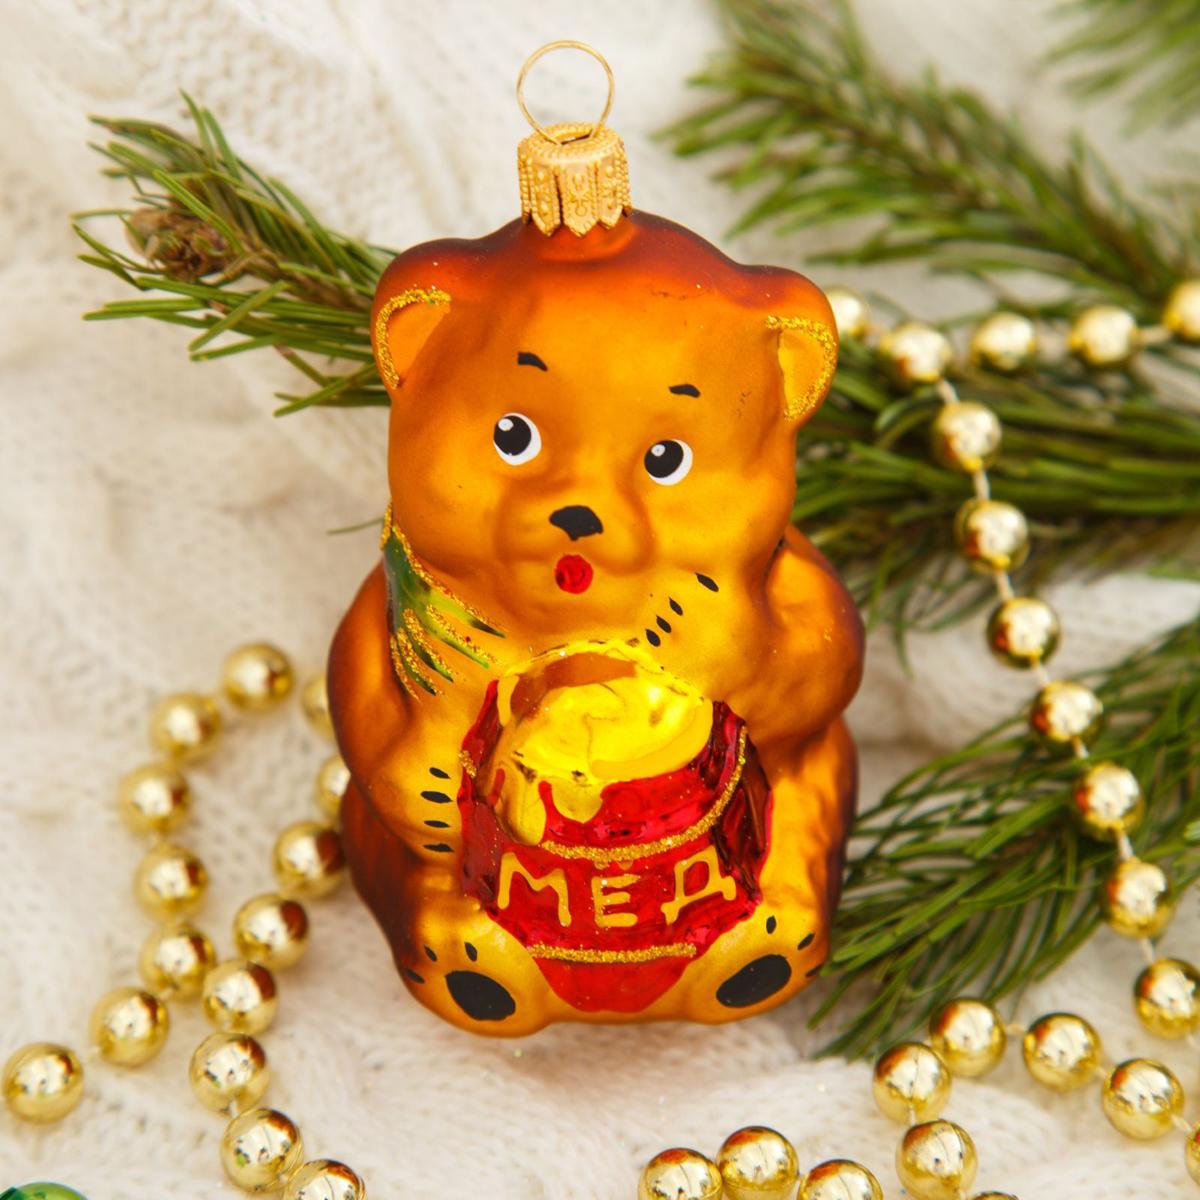 Новогоднее подвесное украшение Ёлочка Мишка с медом, 11 х 8 х 6,5 см1721443Новогоднее подвесное украшение Ёлочка отлично подойдет для декорации вашего дома и новогодней ели. Новогоднее украшение можно повесить в любом понравившемся вам месте. Но, конечно, удачнее всего оно будет смотреться на праздничной елке.Елочная игрушка - символ Нового года. Она несет в себе волшебство и красоту праздника. Такое украшение создаст в вашем доме атмосферу праздника, веселья и радости.